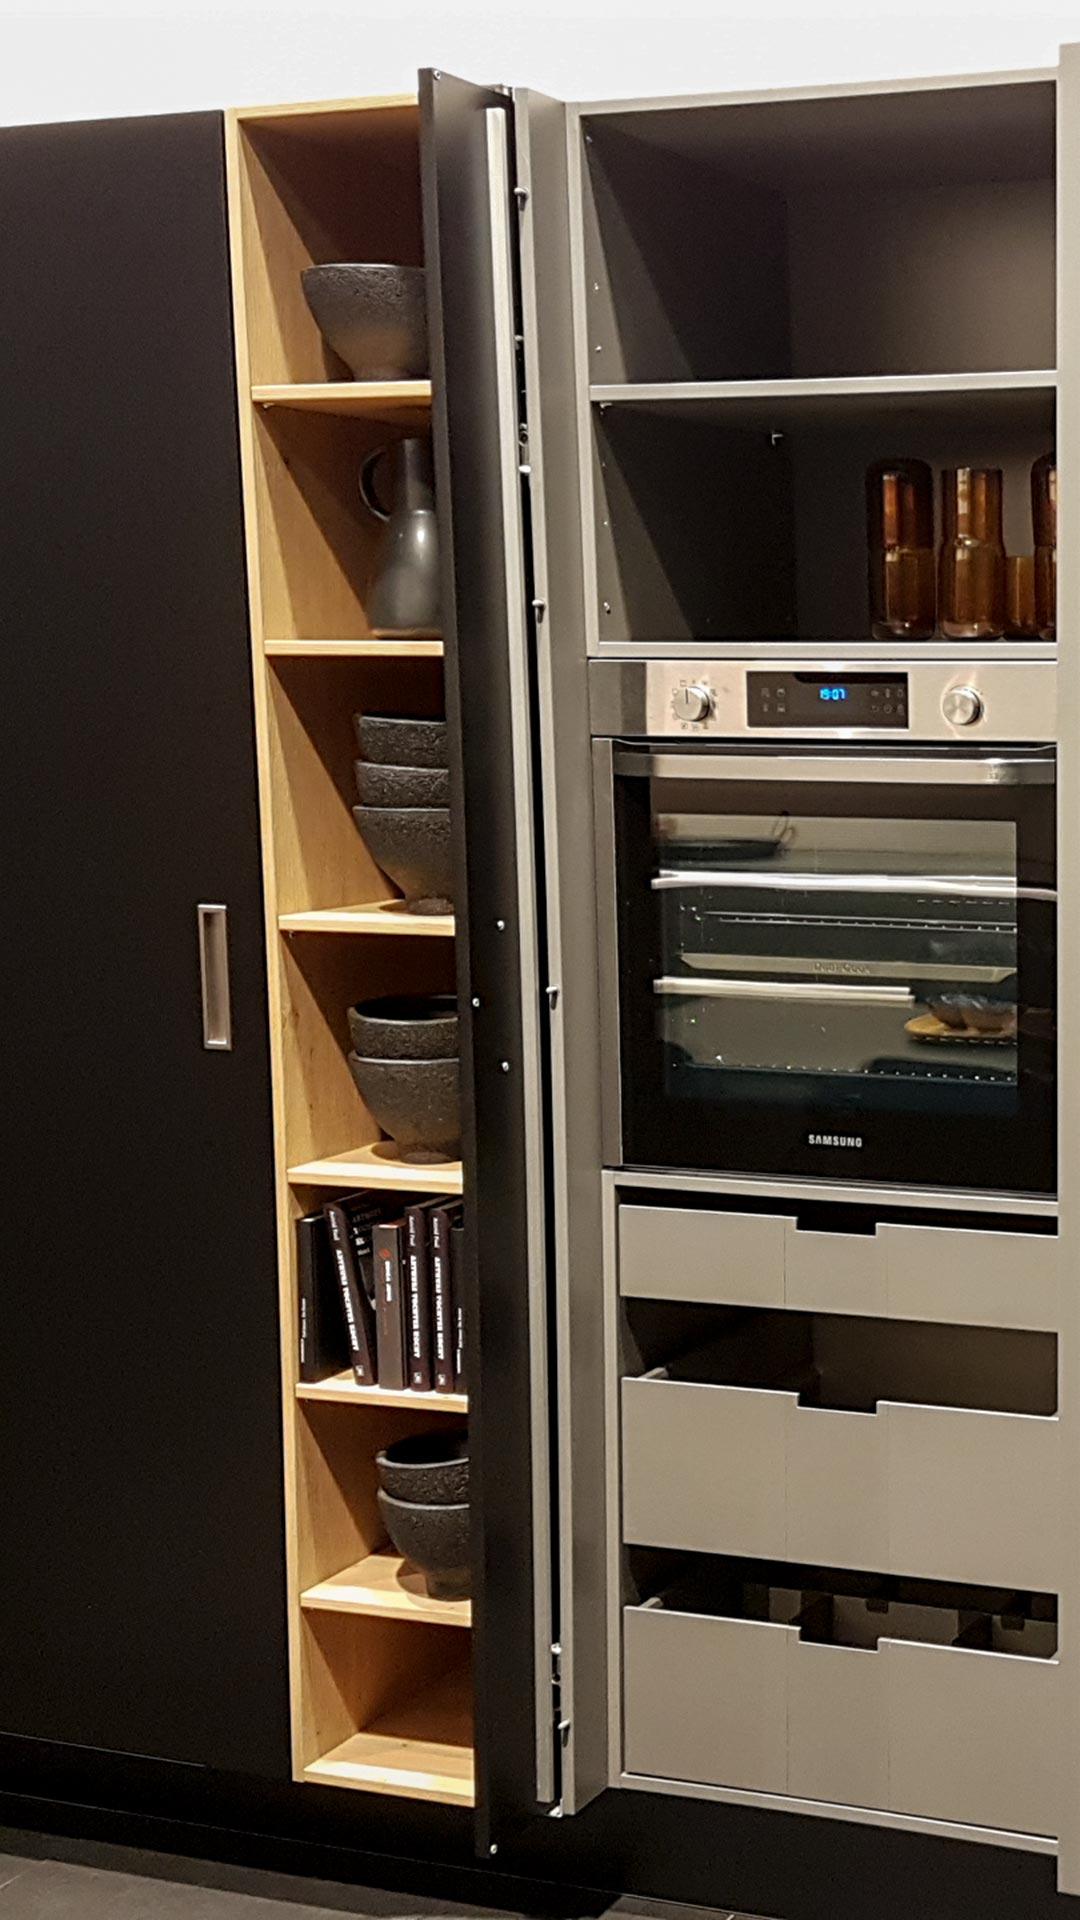 Schranksysteme für die Küche integrieren wohnliche Elemente neben Einbaugeräten.